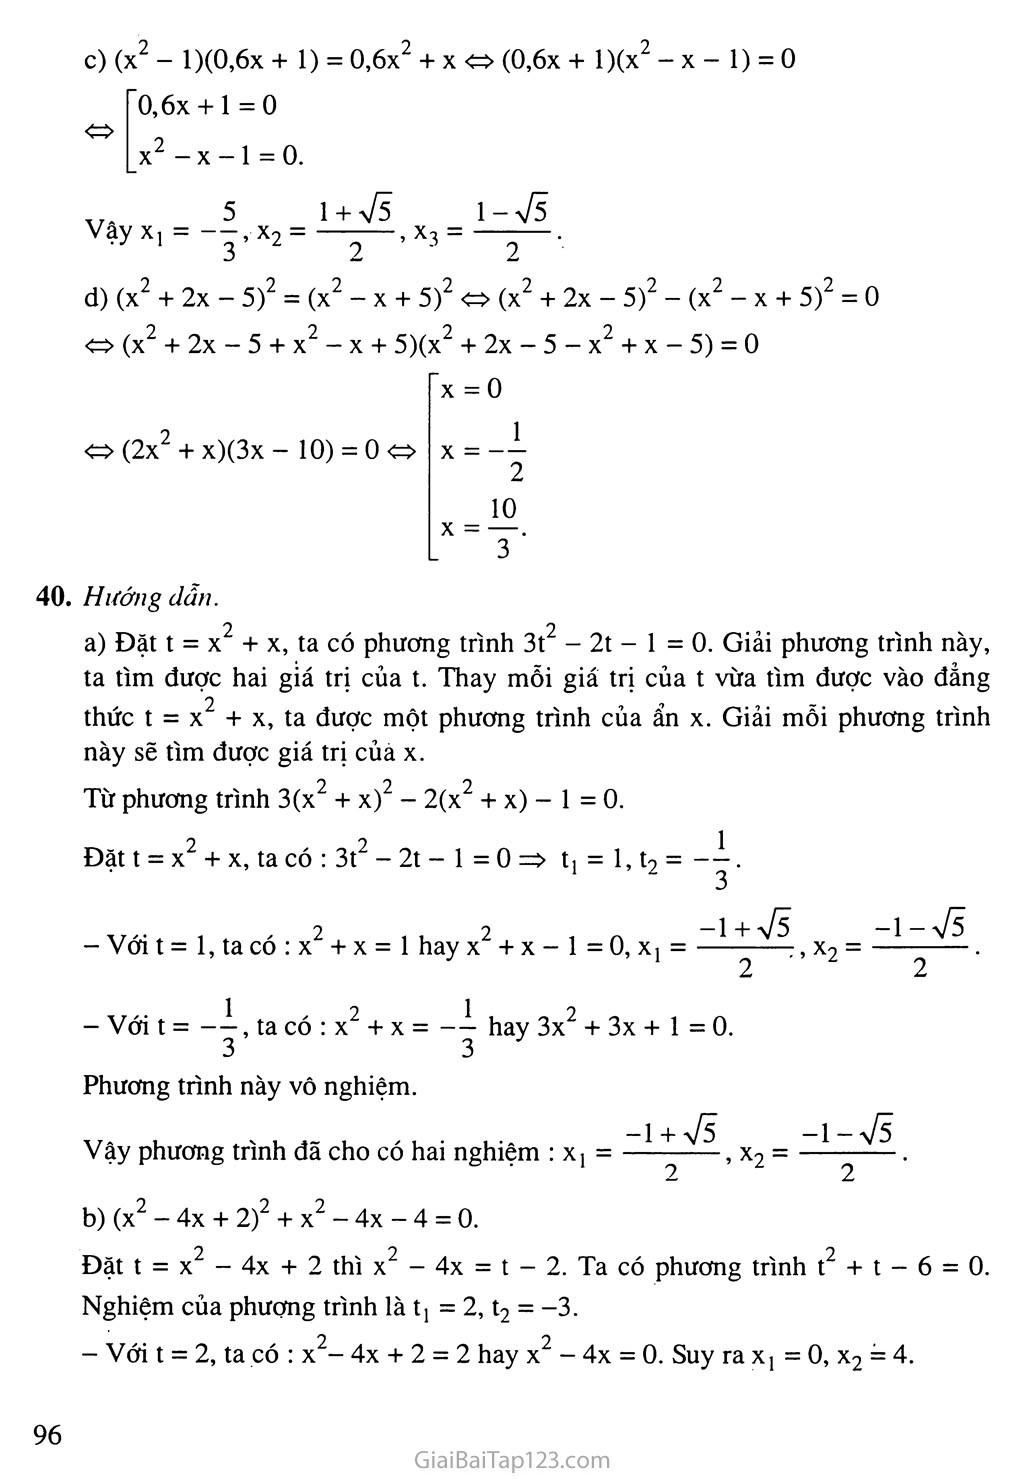 Bài 7. Phương trình quy về phương trình bậc hai trang 10